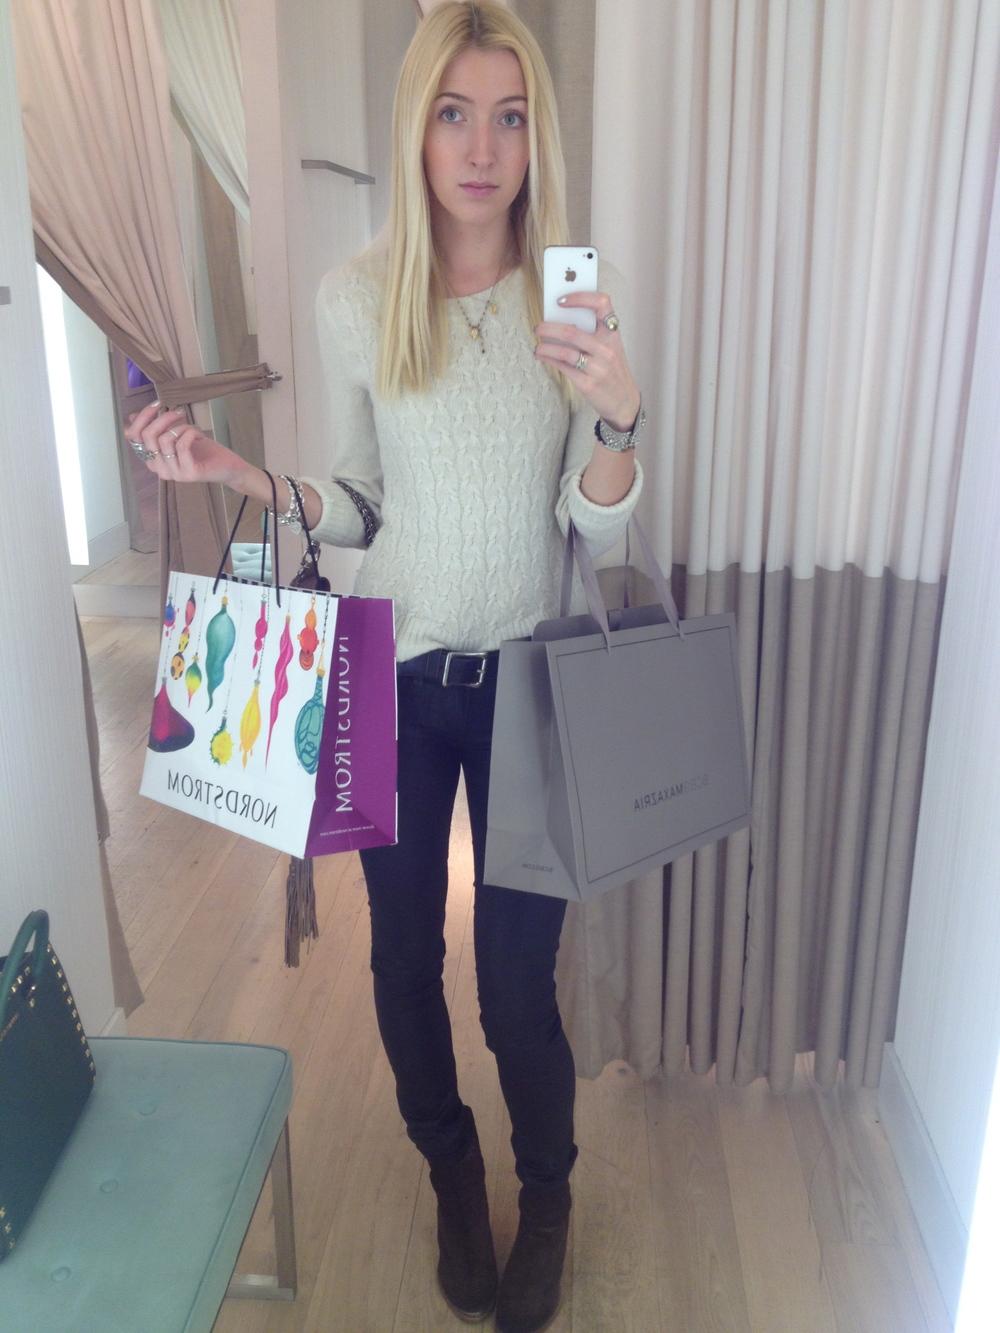 Sweater:  Ann Taylor Loft  // Coated Jeans:  Paige Denim  // Ankle Boots:  AllSaints